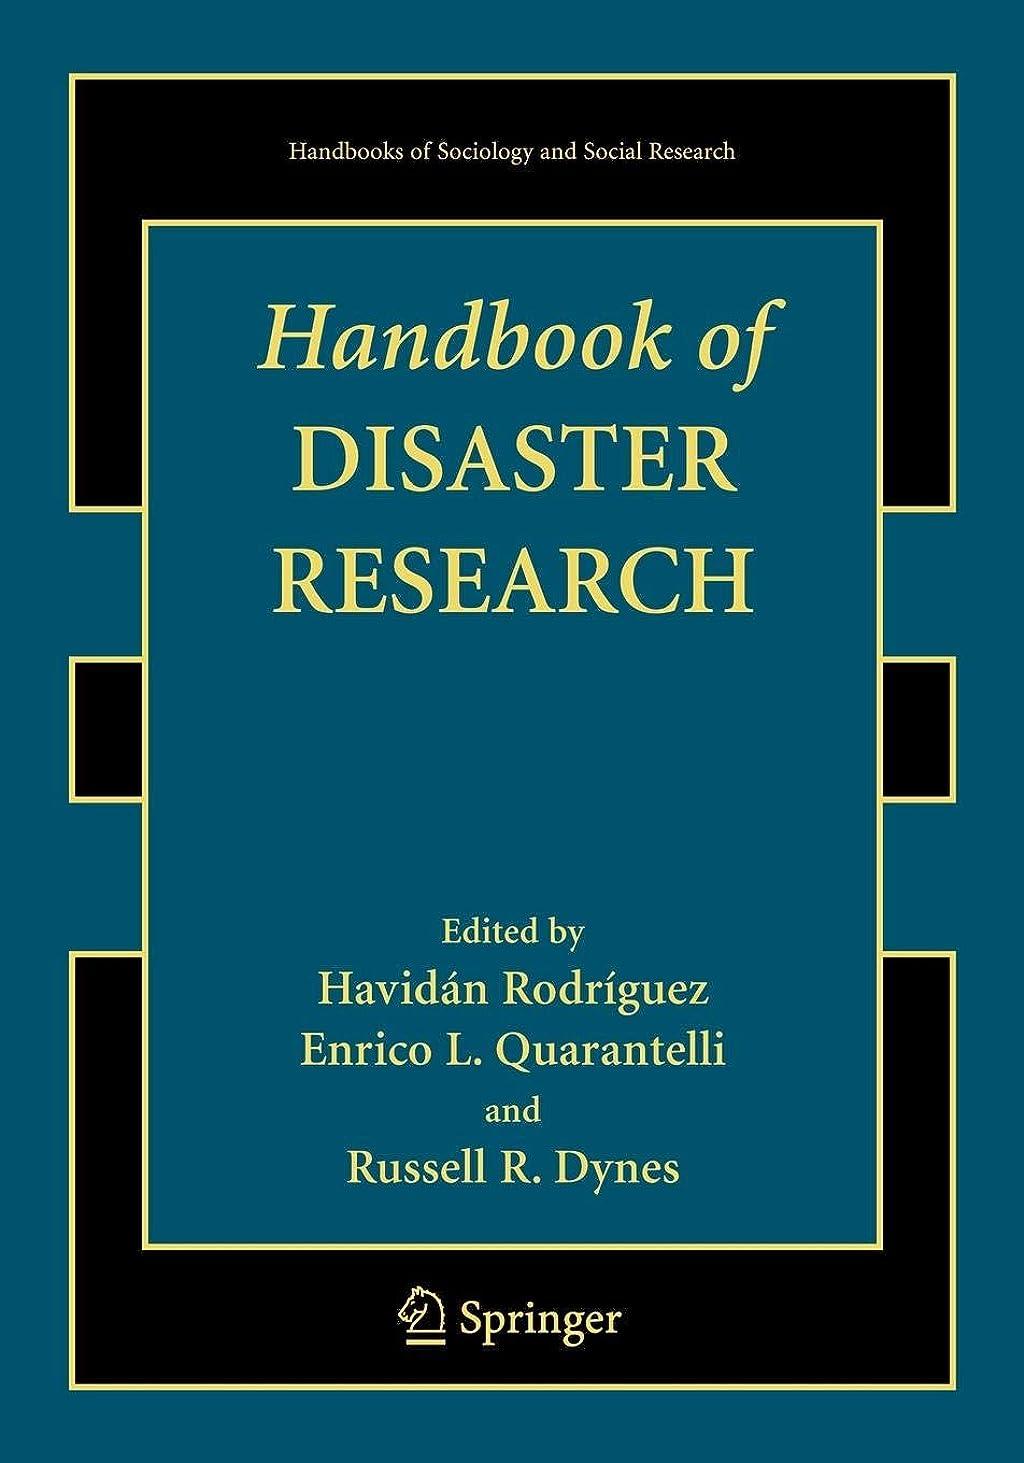 不十分な敬の念強度Handbook of Disaster Research (Handbooks of Sociology and Social Research)